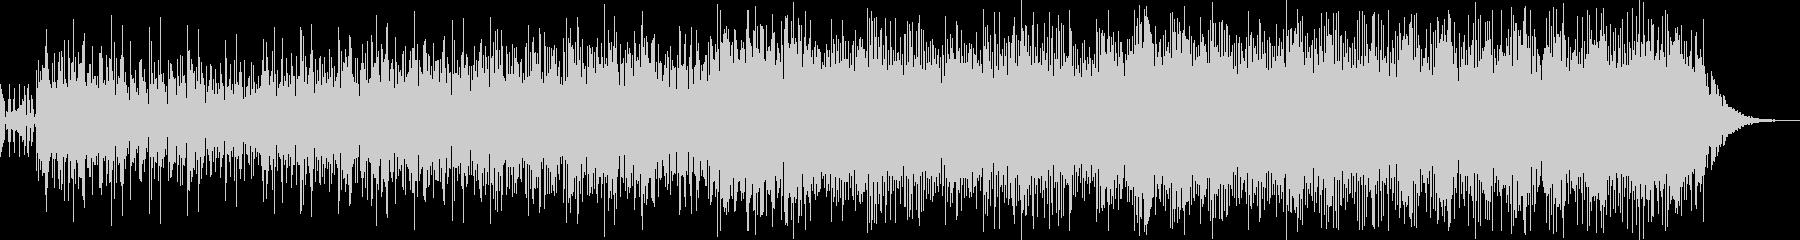 3分BGM ピアノと環境音の未再生の波形